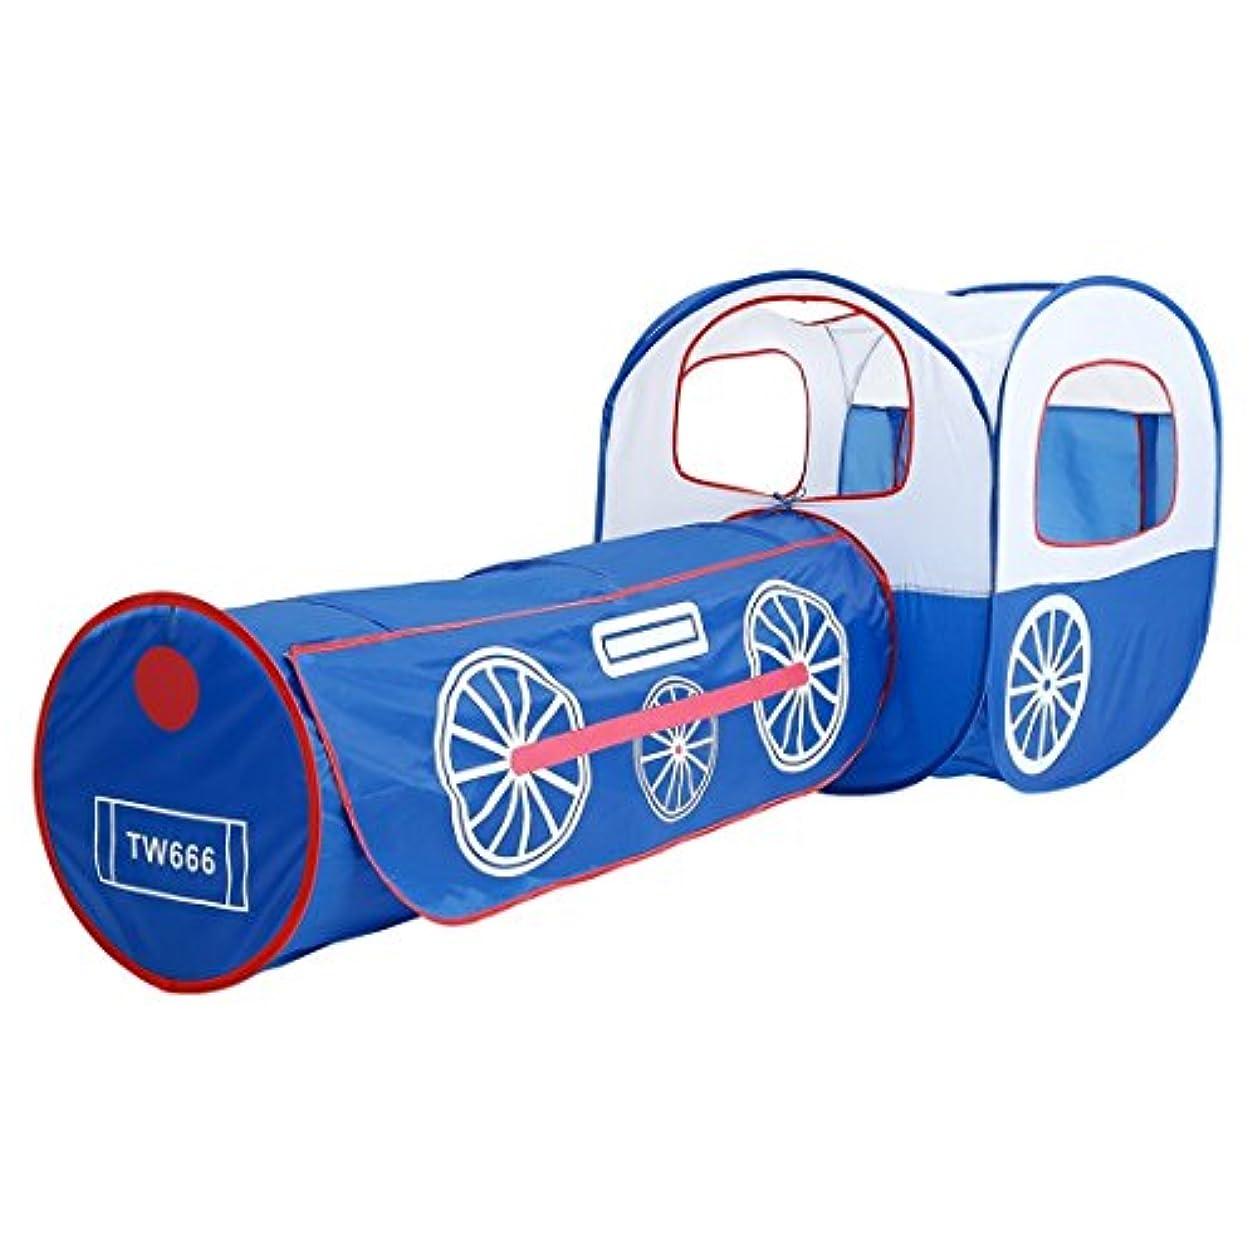 テスピアンめまいが気体の方朝日スポーツ用品店 子供用テント ブルー機関車 トンネル 劇場脱着式 ユルルト (色 : 青)